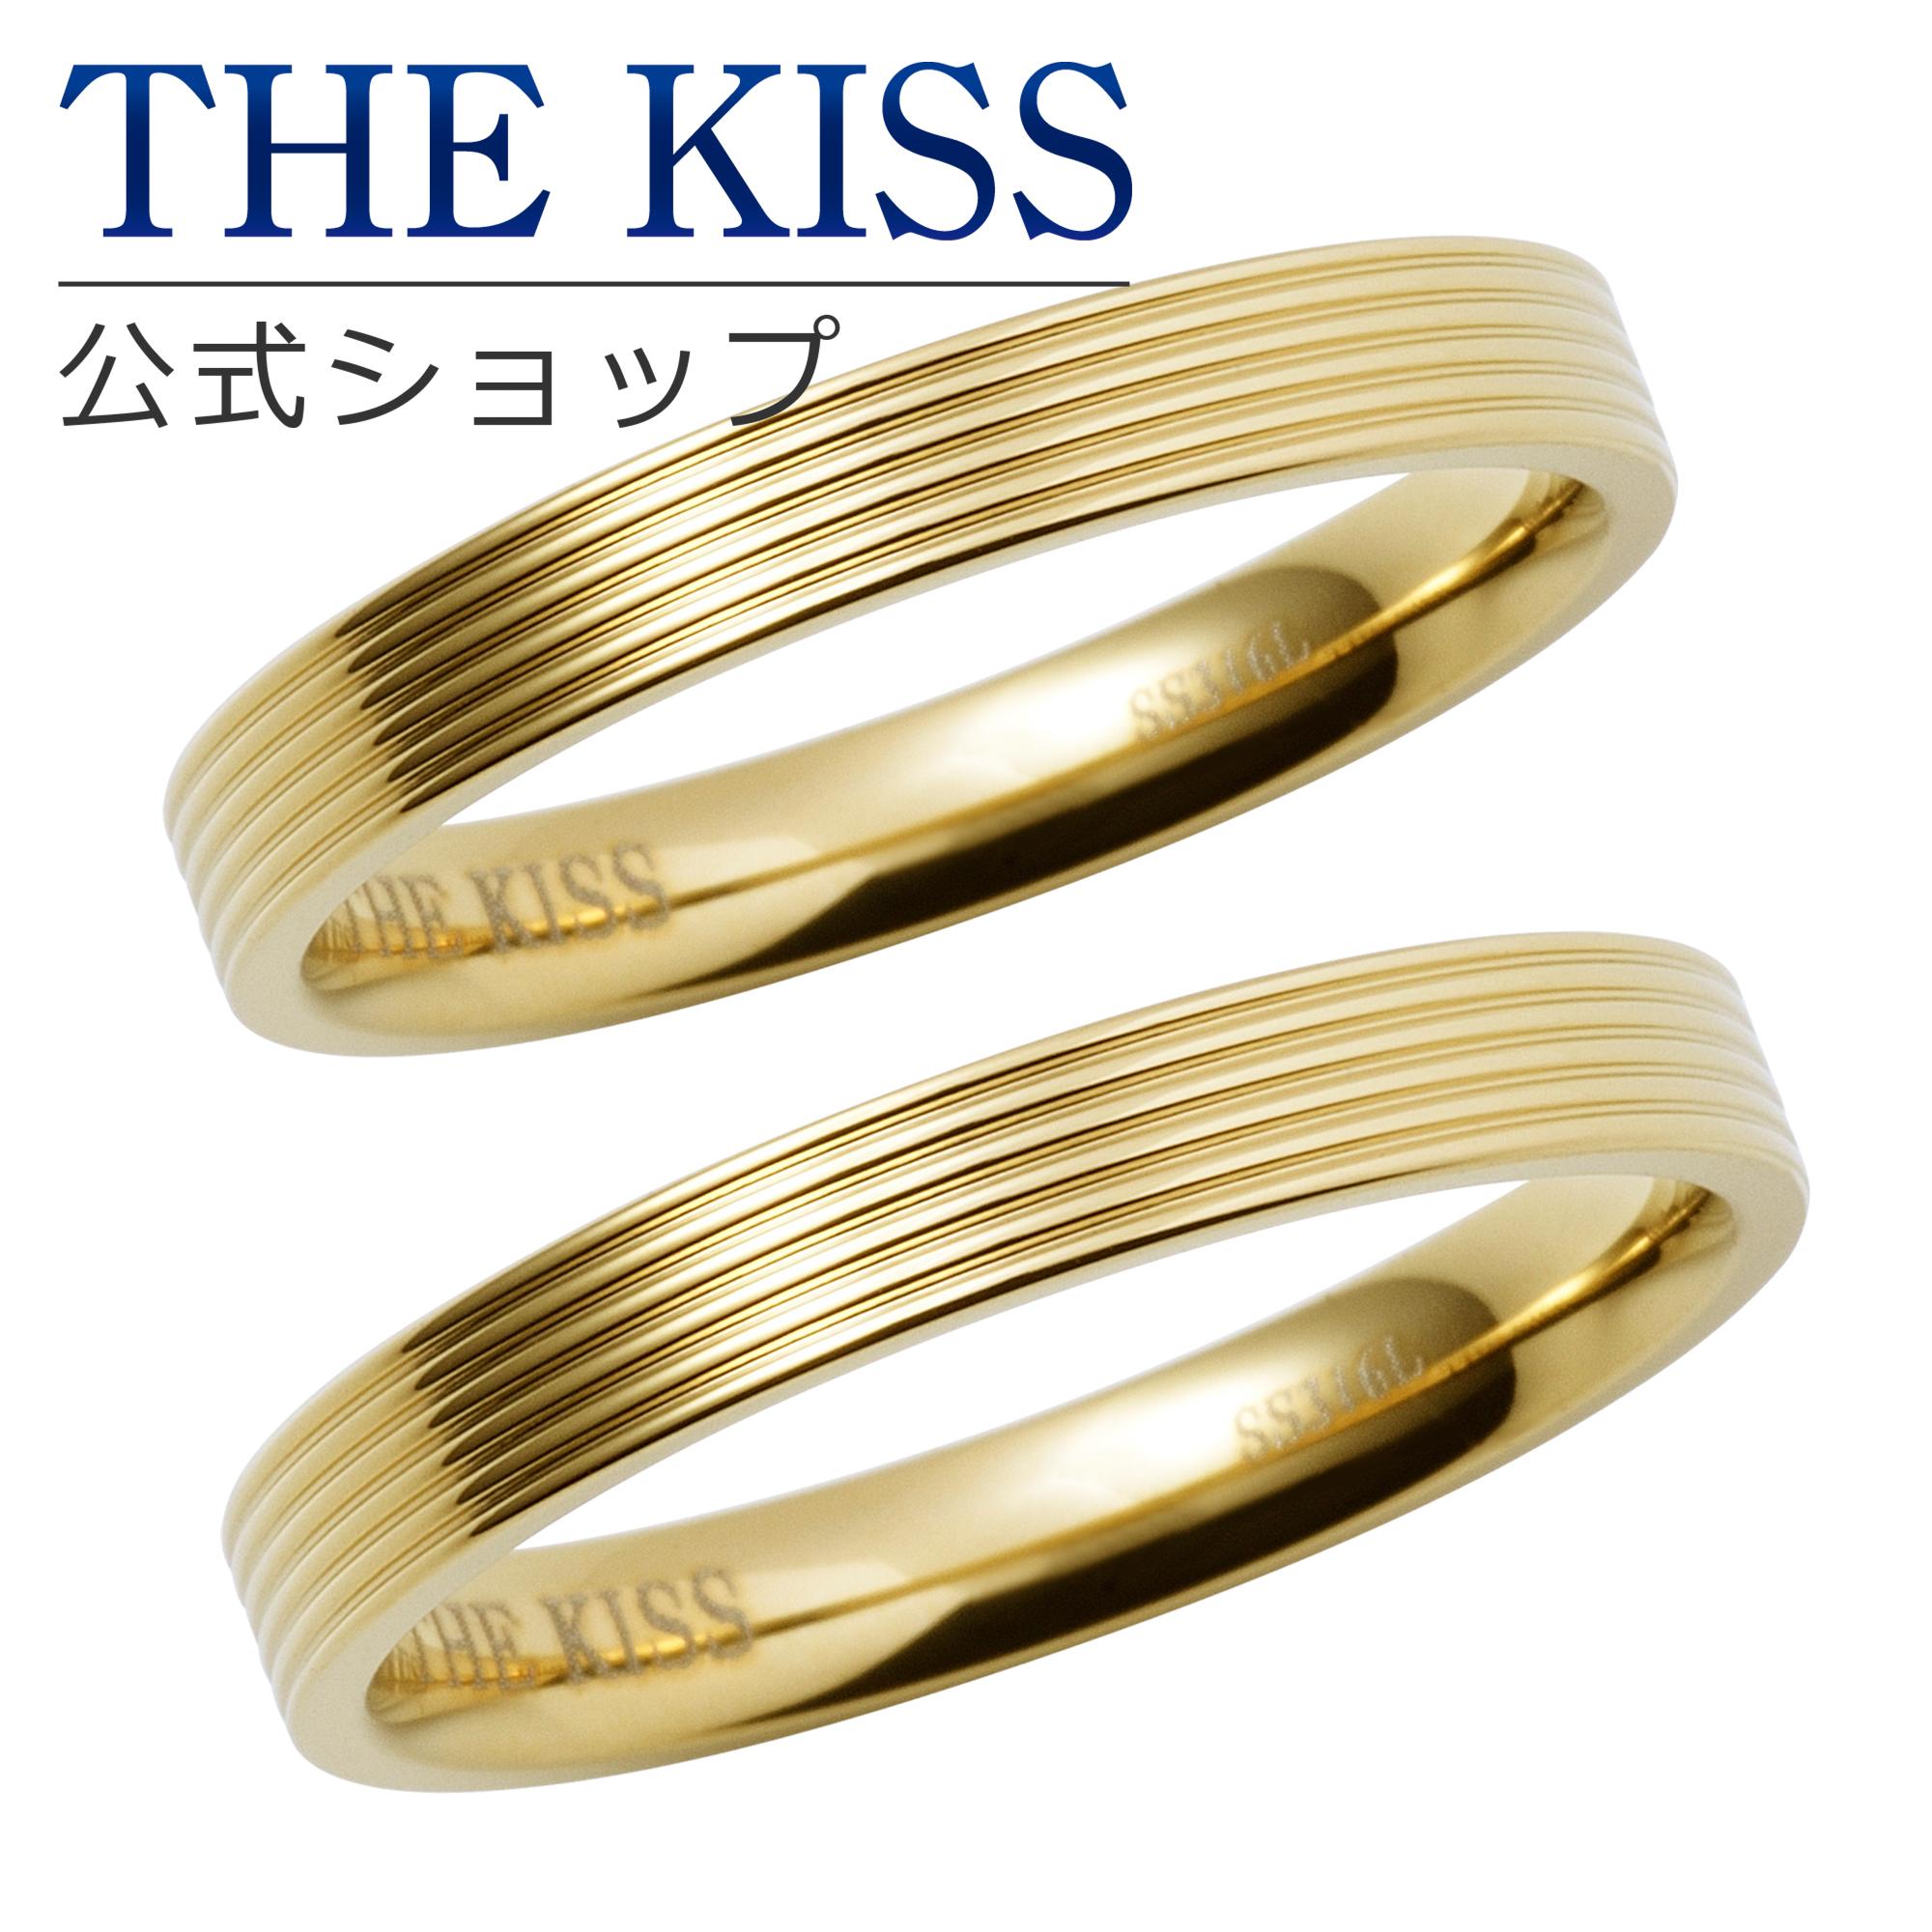 【あす楽対応】THE KISS 公式サイト ステンレス ペアリング ペアアクセサリー カップル に 人気 の ジュエリーブランド THEKISS ペア リング・指輪 記念日 プレゼント TR1003YE-P セット シンプル ザキス 【送料無料】